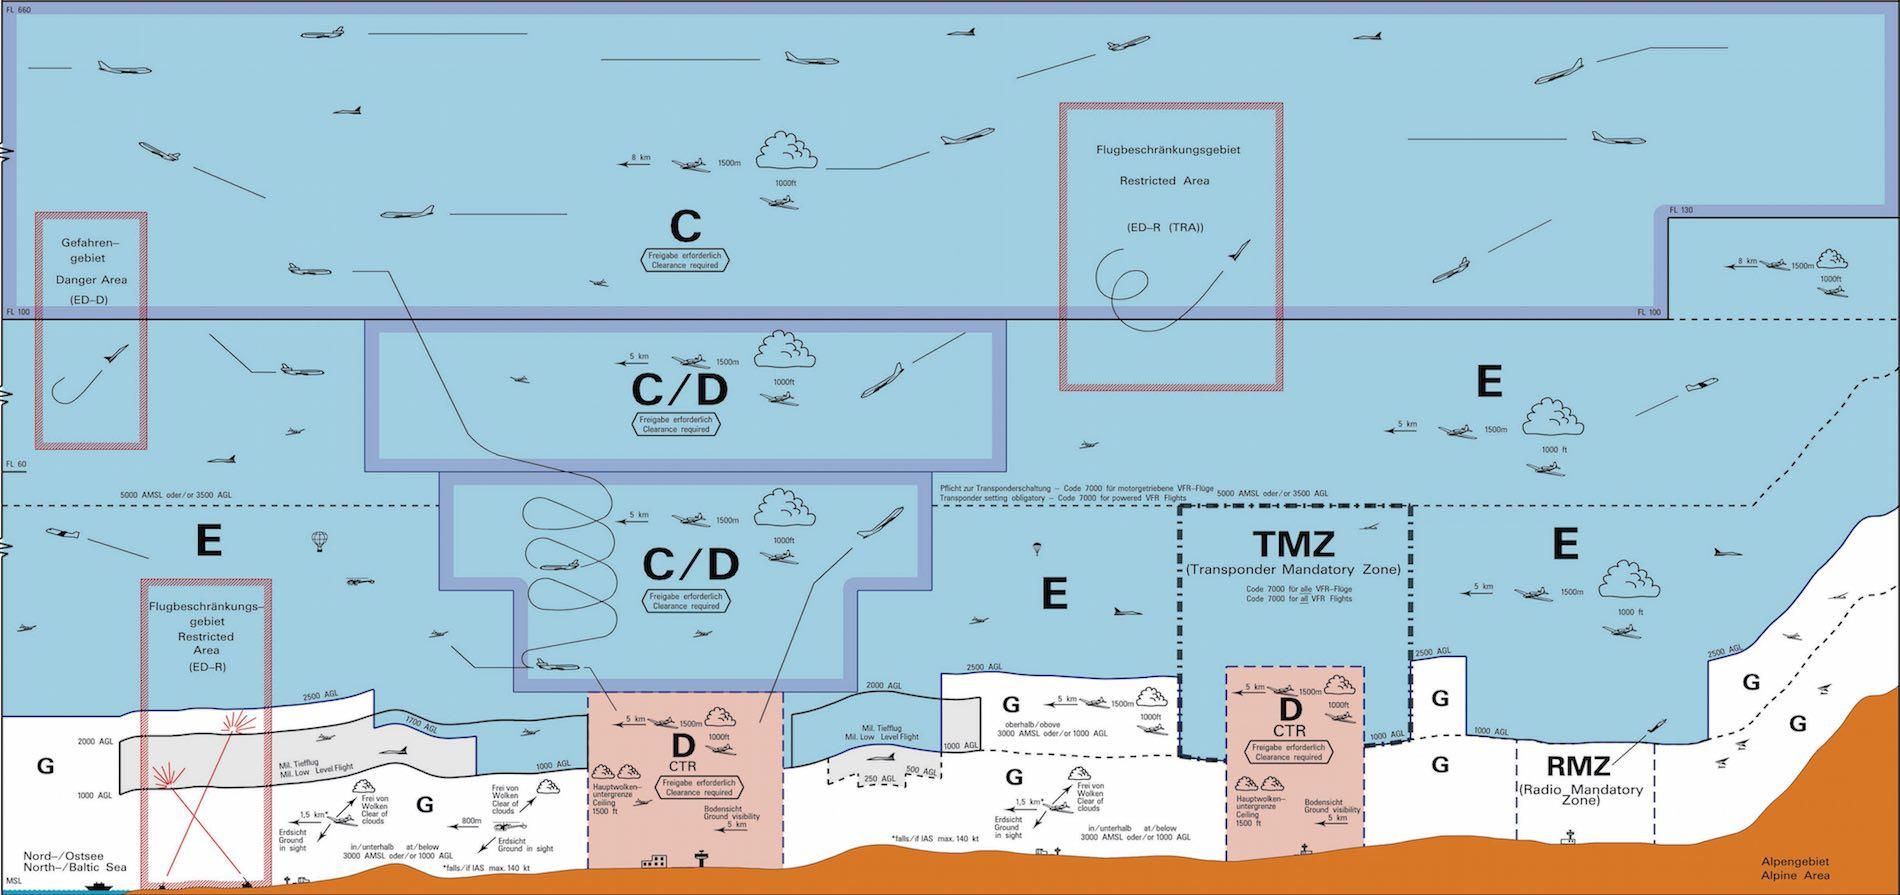 ab neue luftraumstruktur f r deutschland. Black Bedroom Furniture Sets. Home Design Ideas